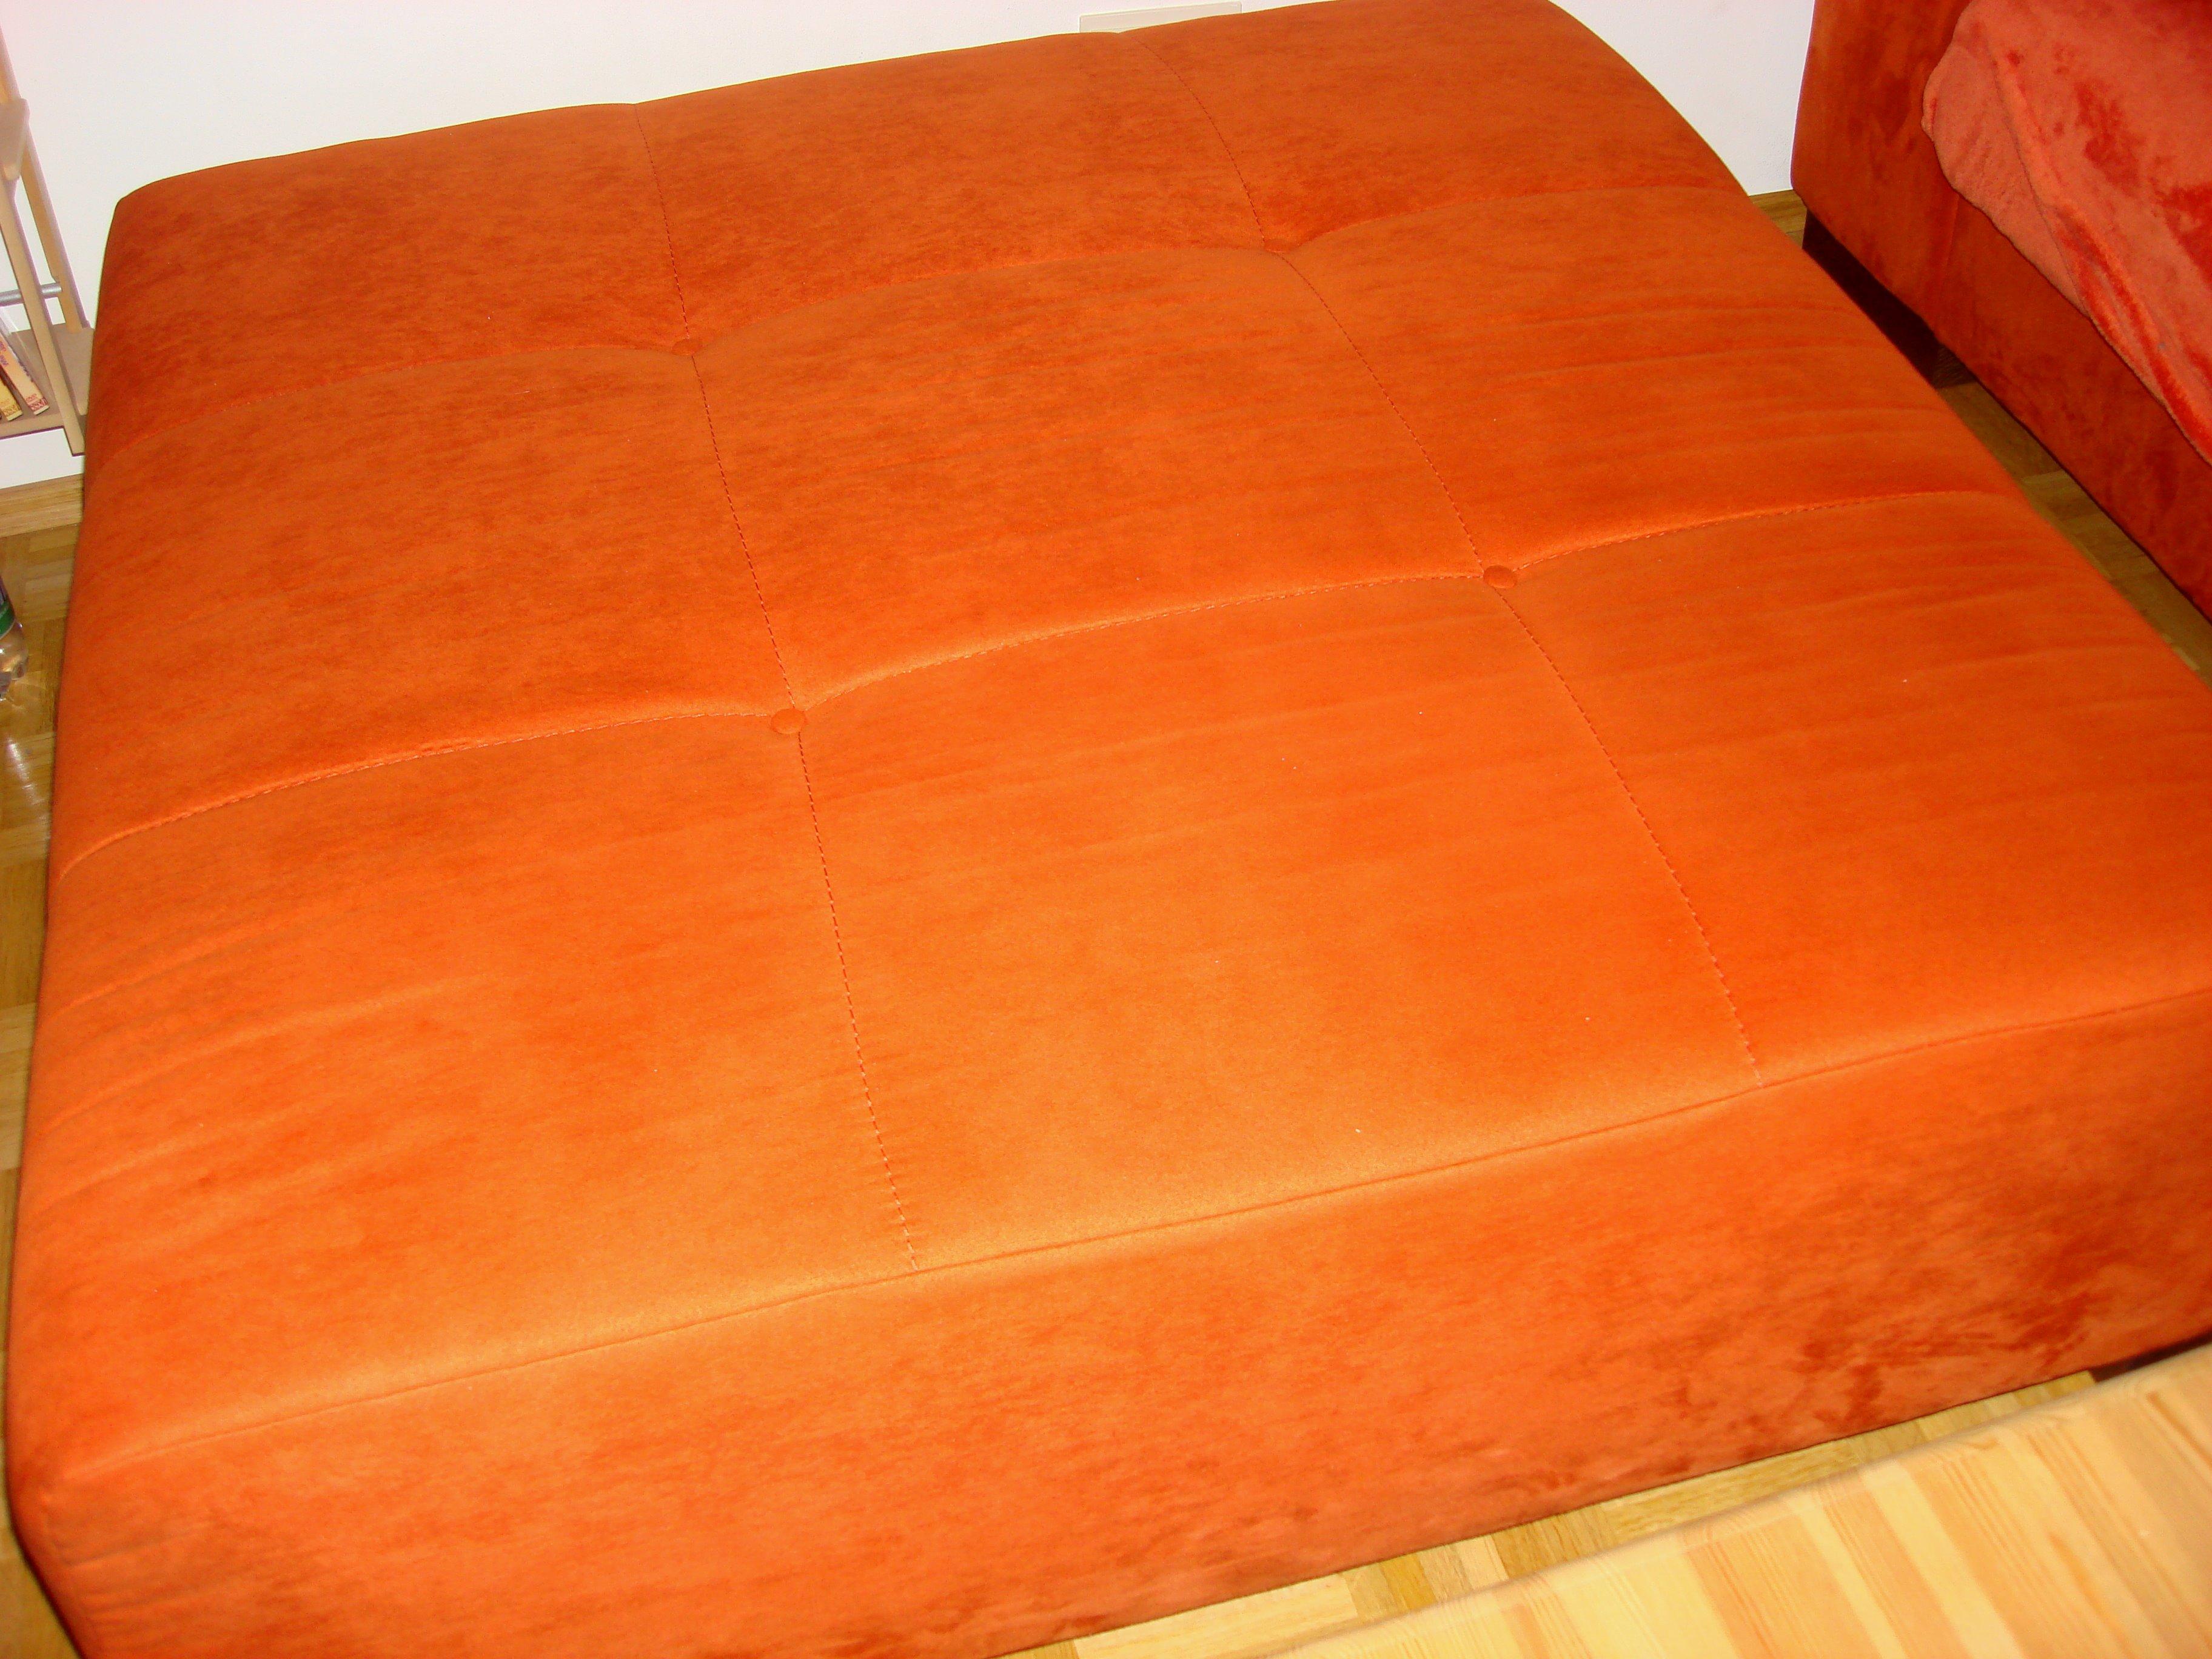 Möbel und haushalt kleinanzeigen in münchen flughafen   seite 1